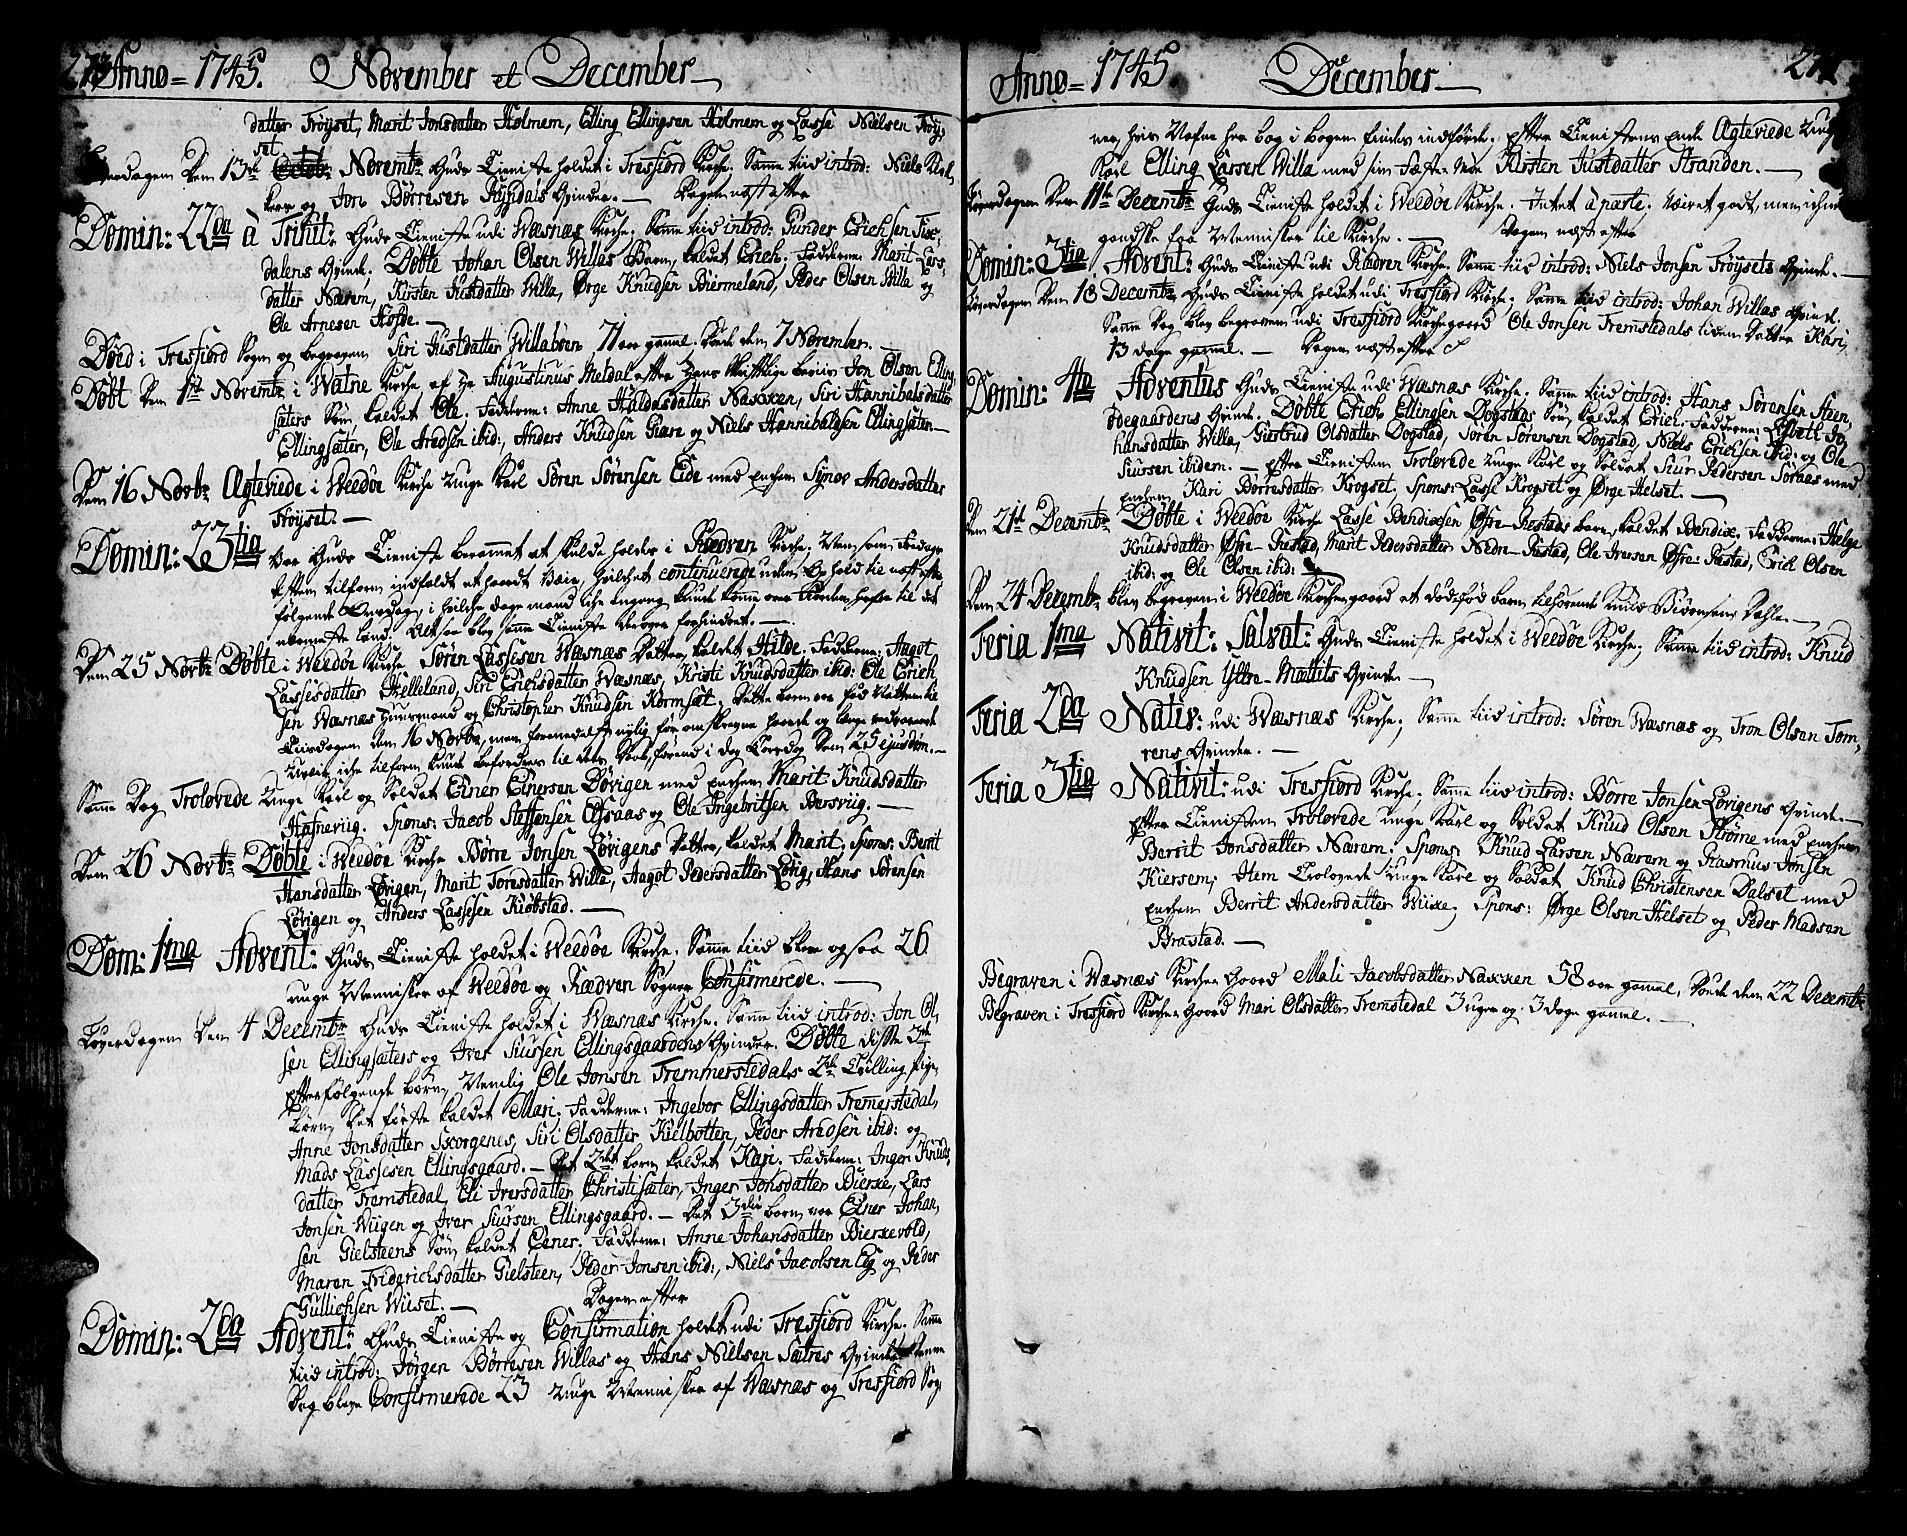 SAT, Ministerialprotokoller, klokkerbøker og fødselsregistre - Møre og Romsdal, 547/L0599: Ministerialbok nr. 547A01, 1721-1764, s. 272-273